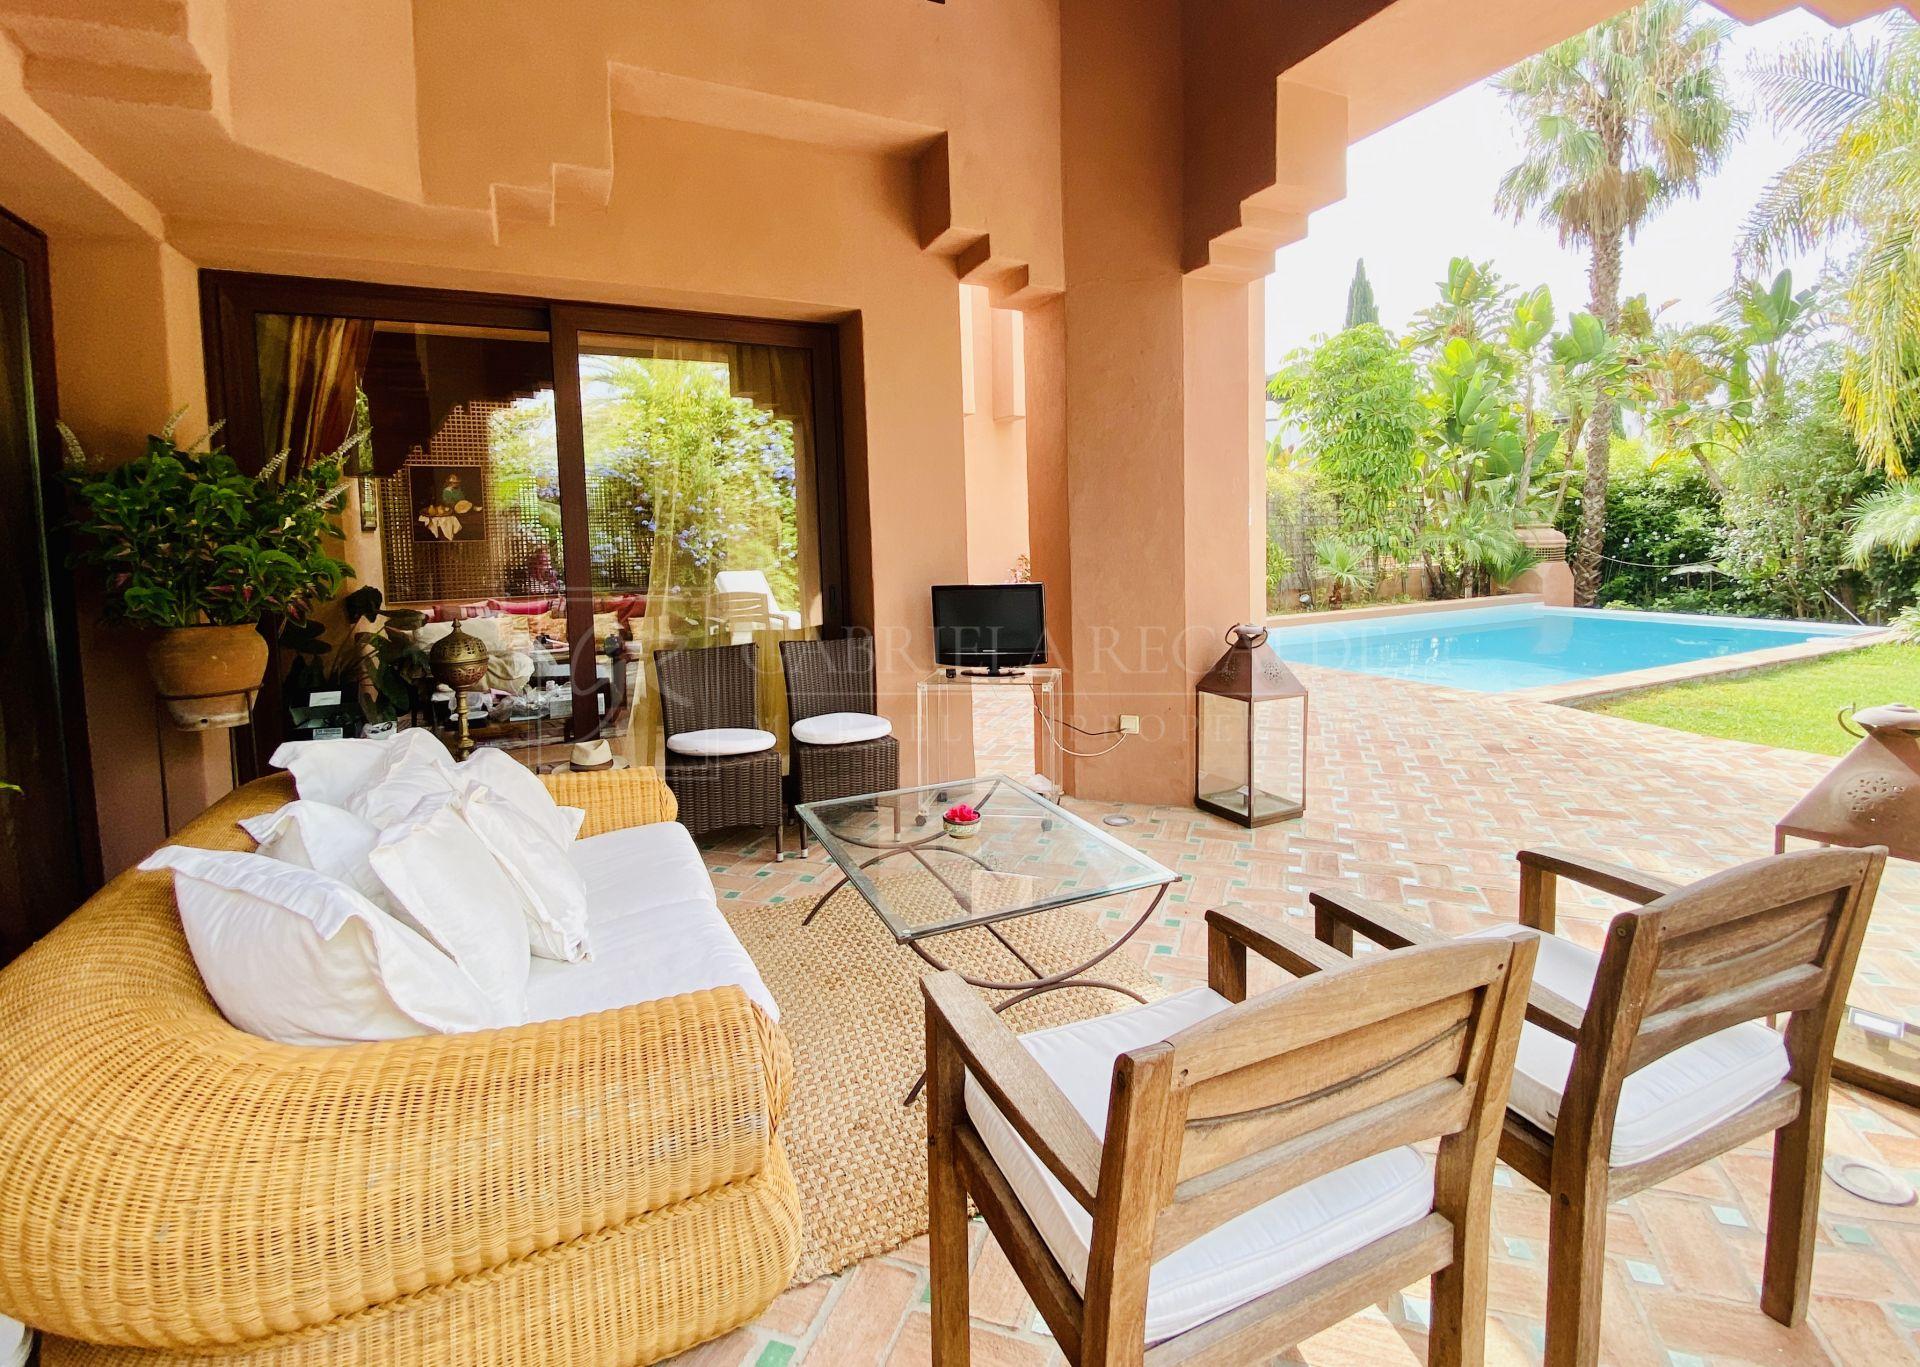 MUST BE SEEN! Villa in Atalaya Rio Verde